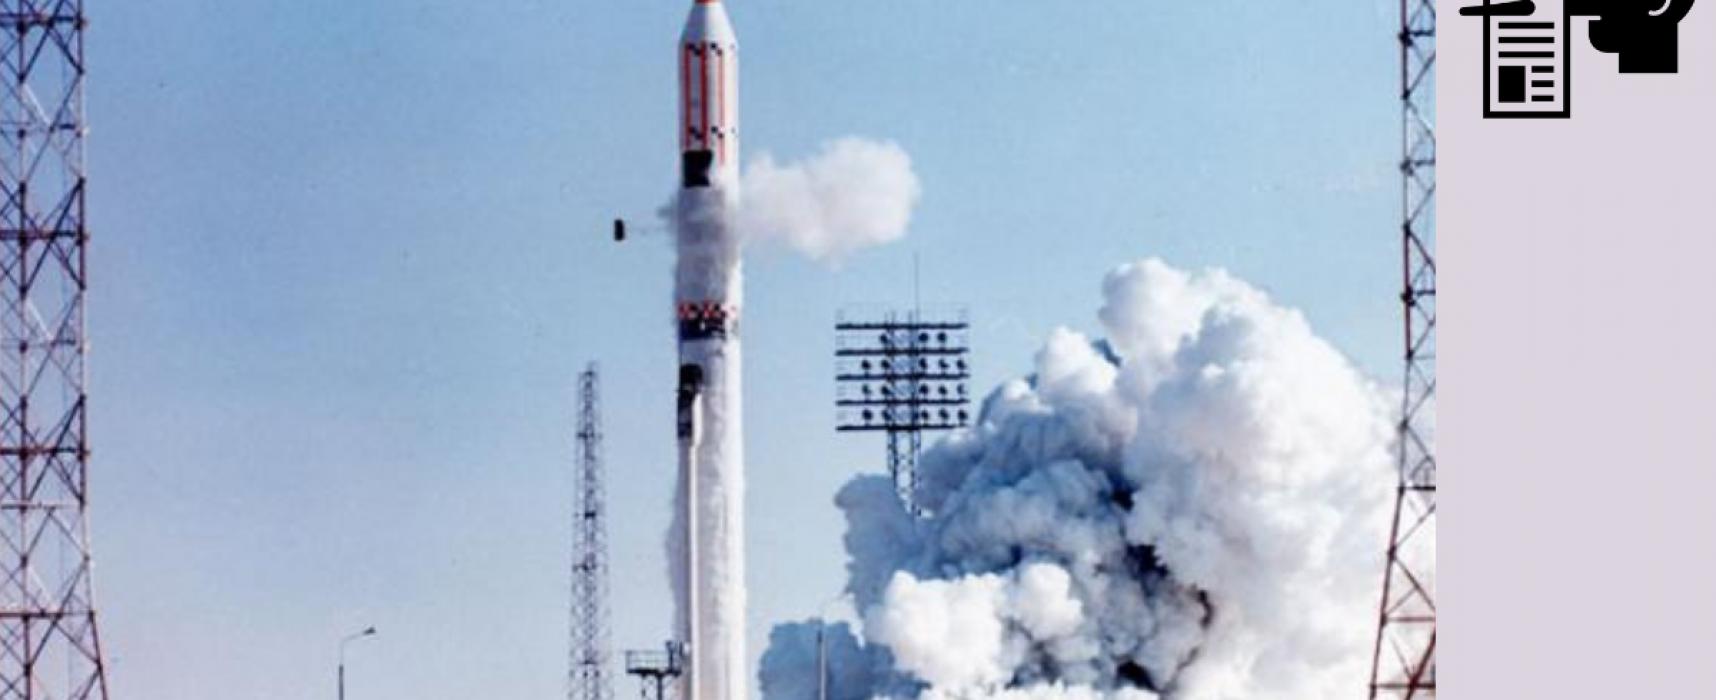 Fake: Zukunft der Ukrainischen Raumfahrt besteht nur aus Resten der sowjetischen Vergangenheit